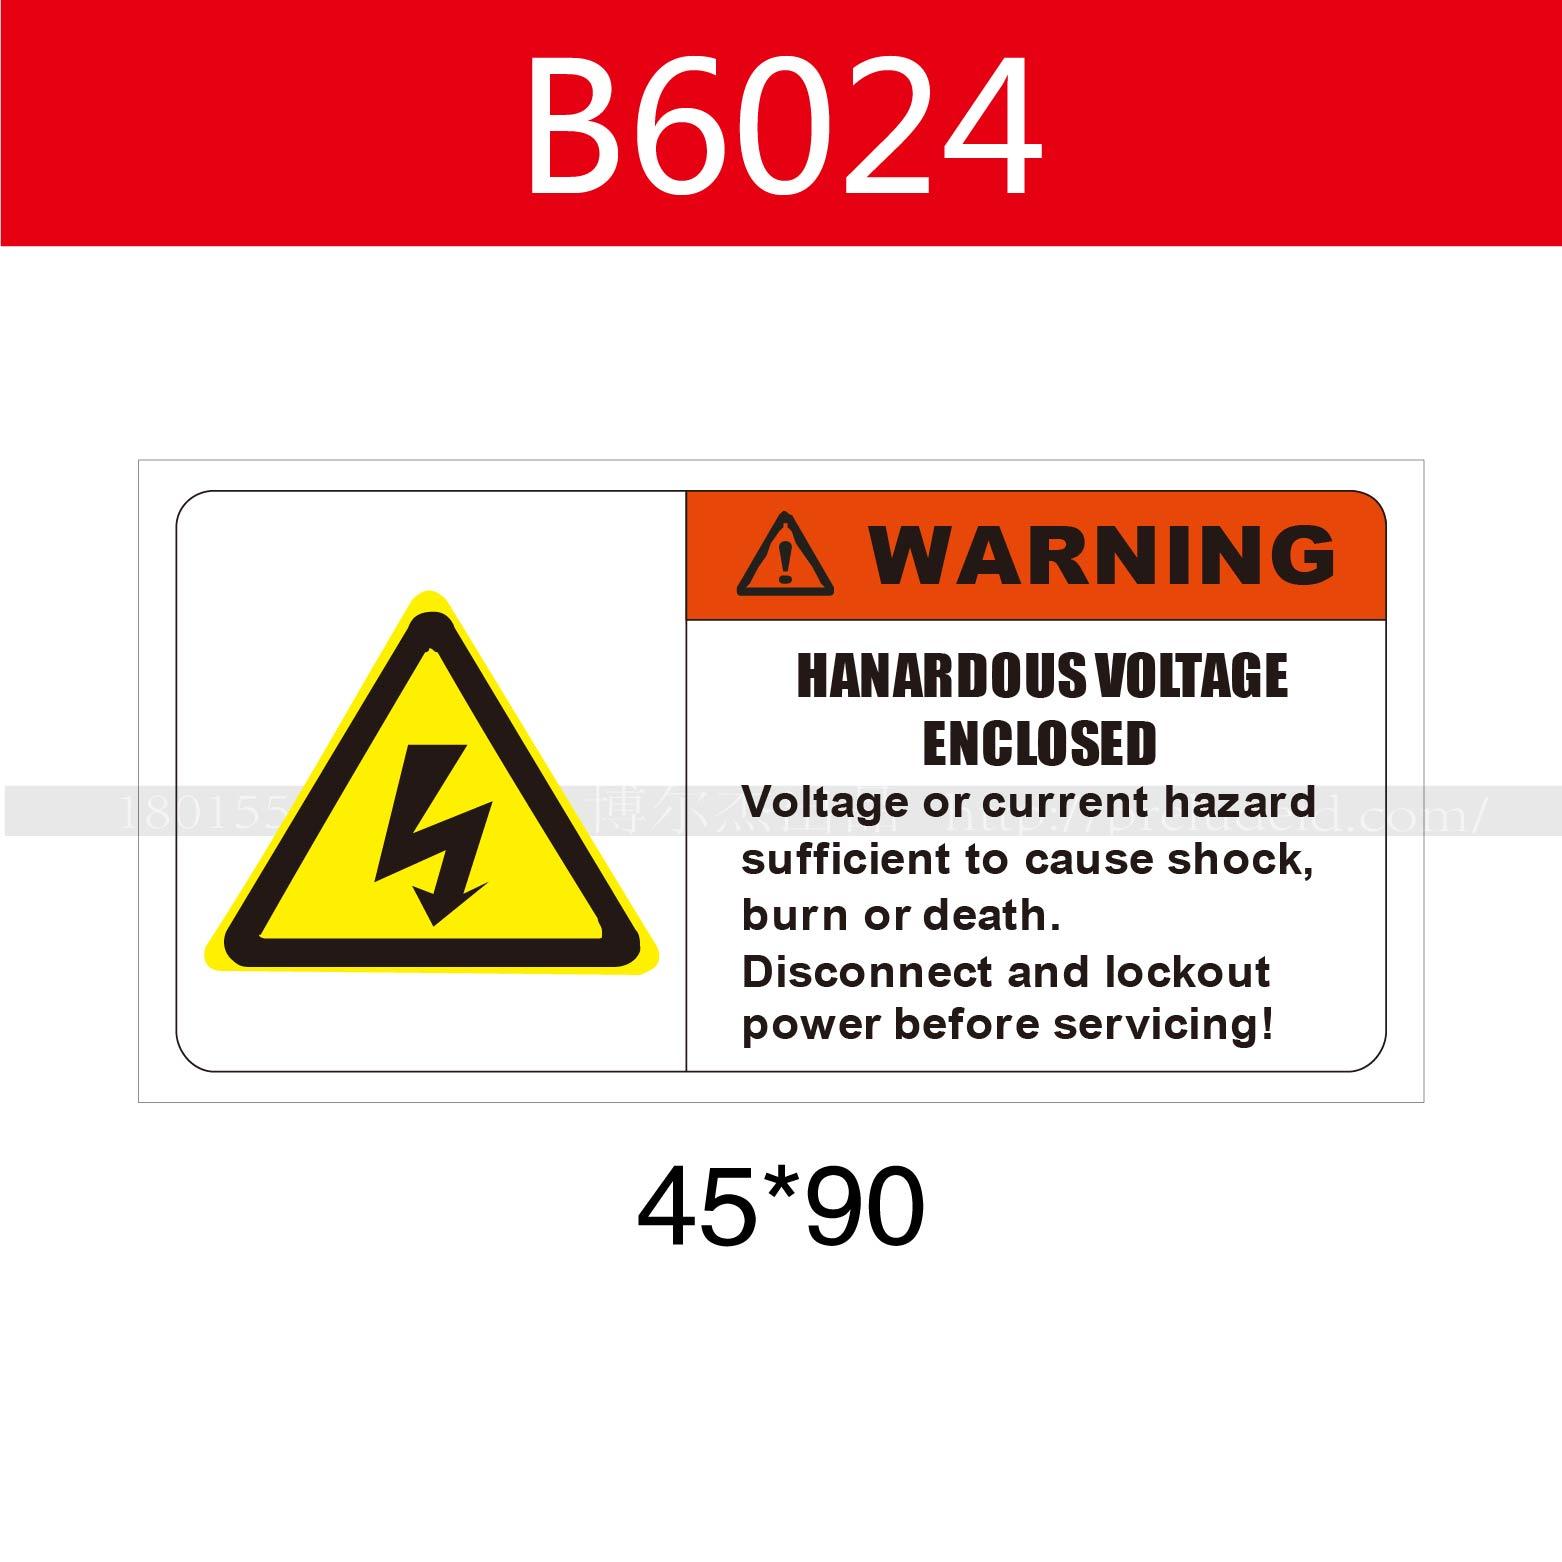 特定環境標識 安全標簽 WARNING 英文牌 安全警示牌 安全標語牌 告示牌 B6024 - 博爾杰商城